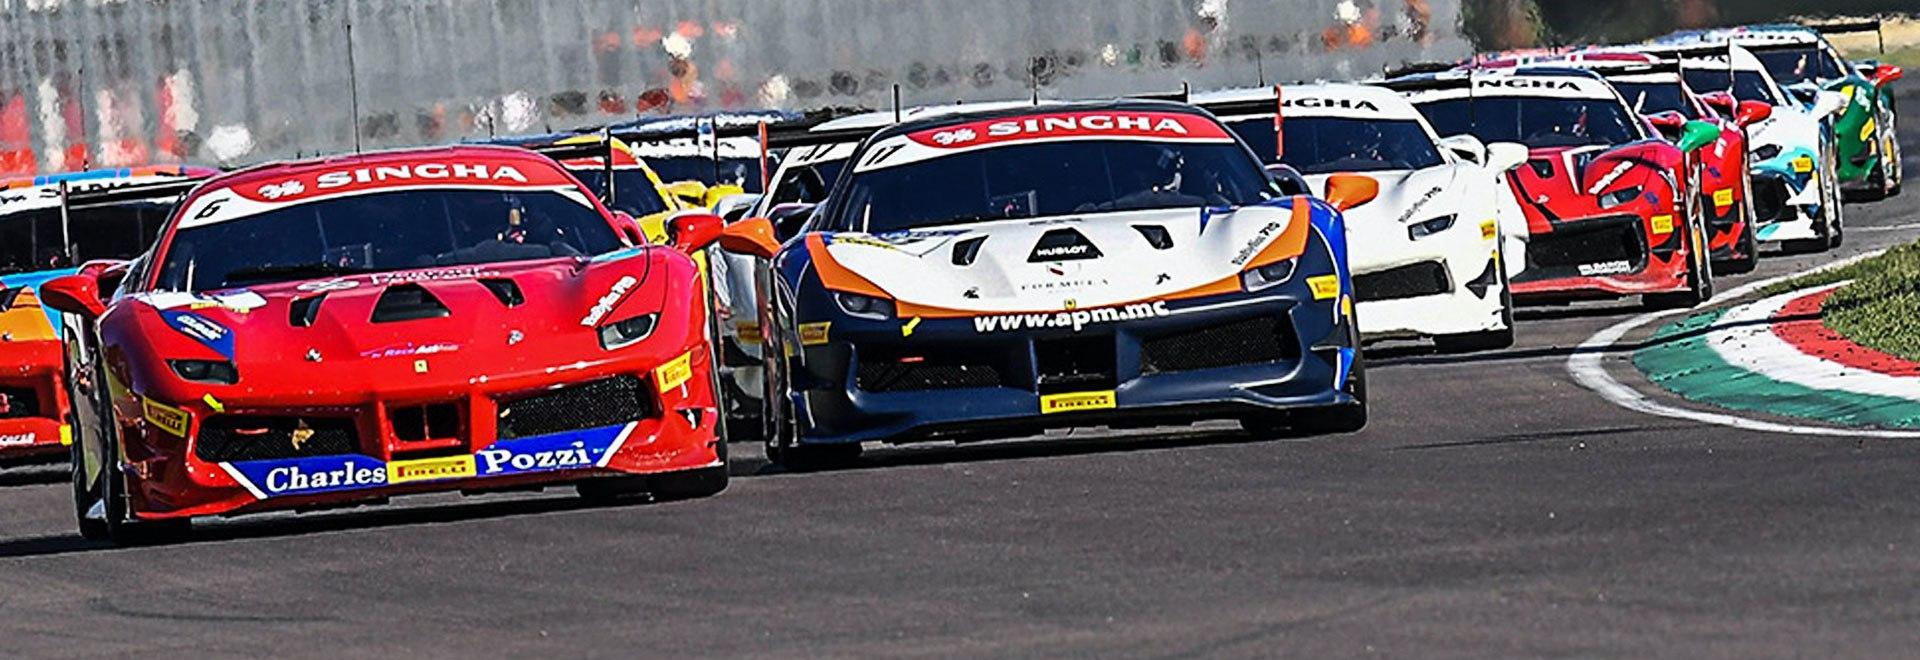 Trofeo Pirelli Barcellona